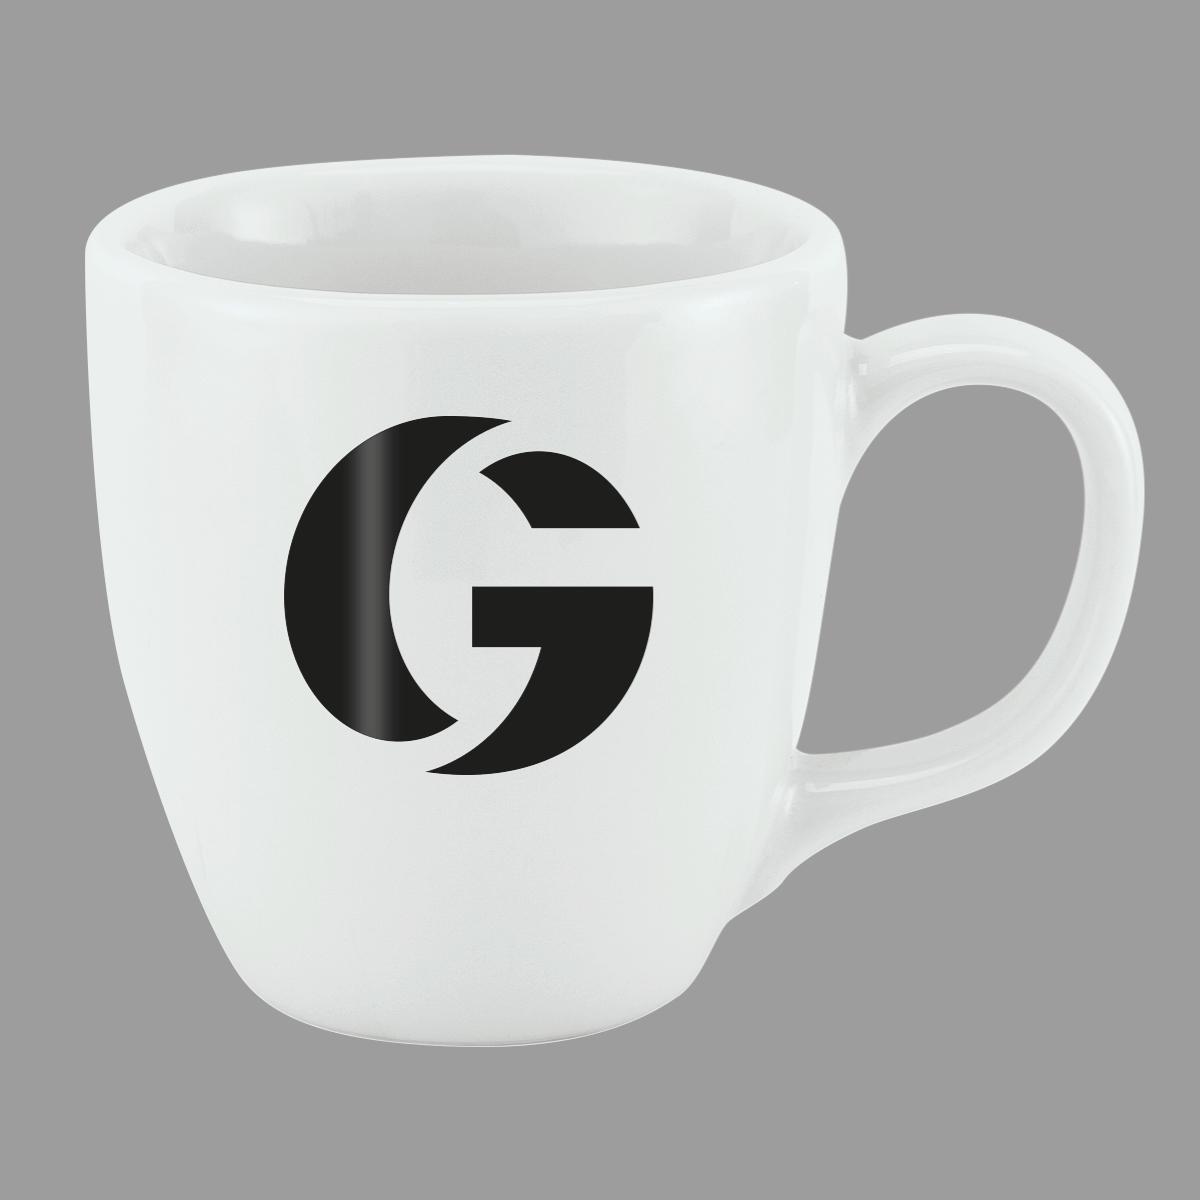 Gastro Druck_G schwarz